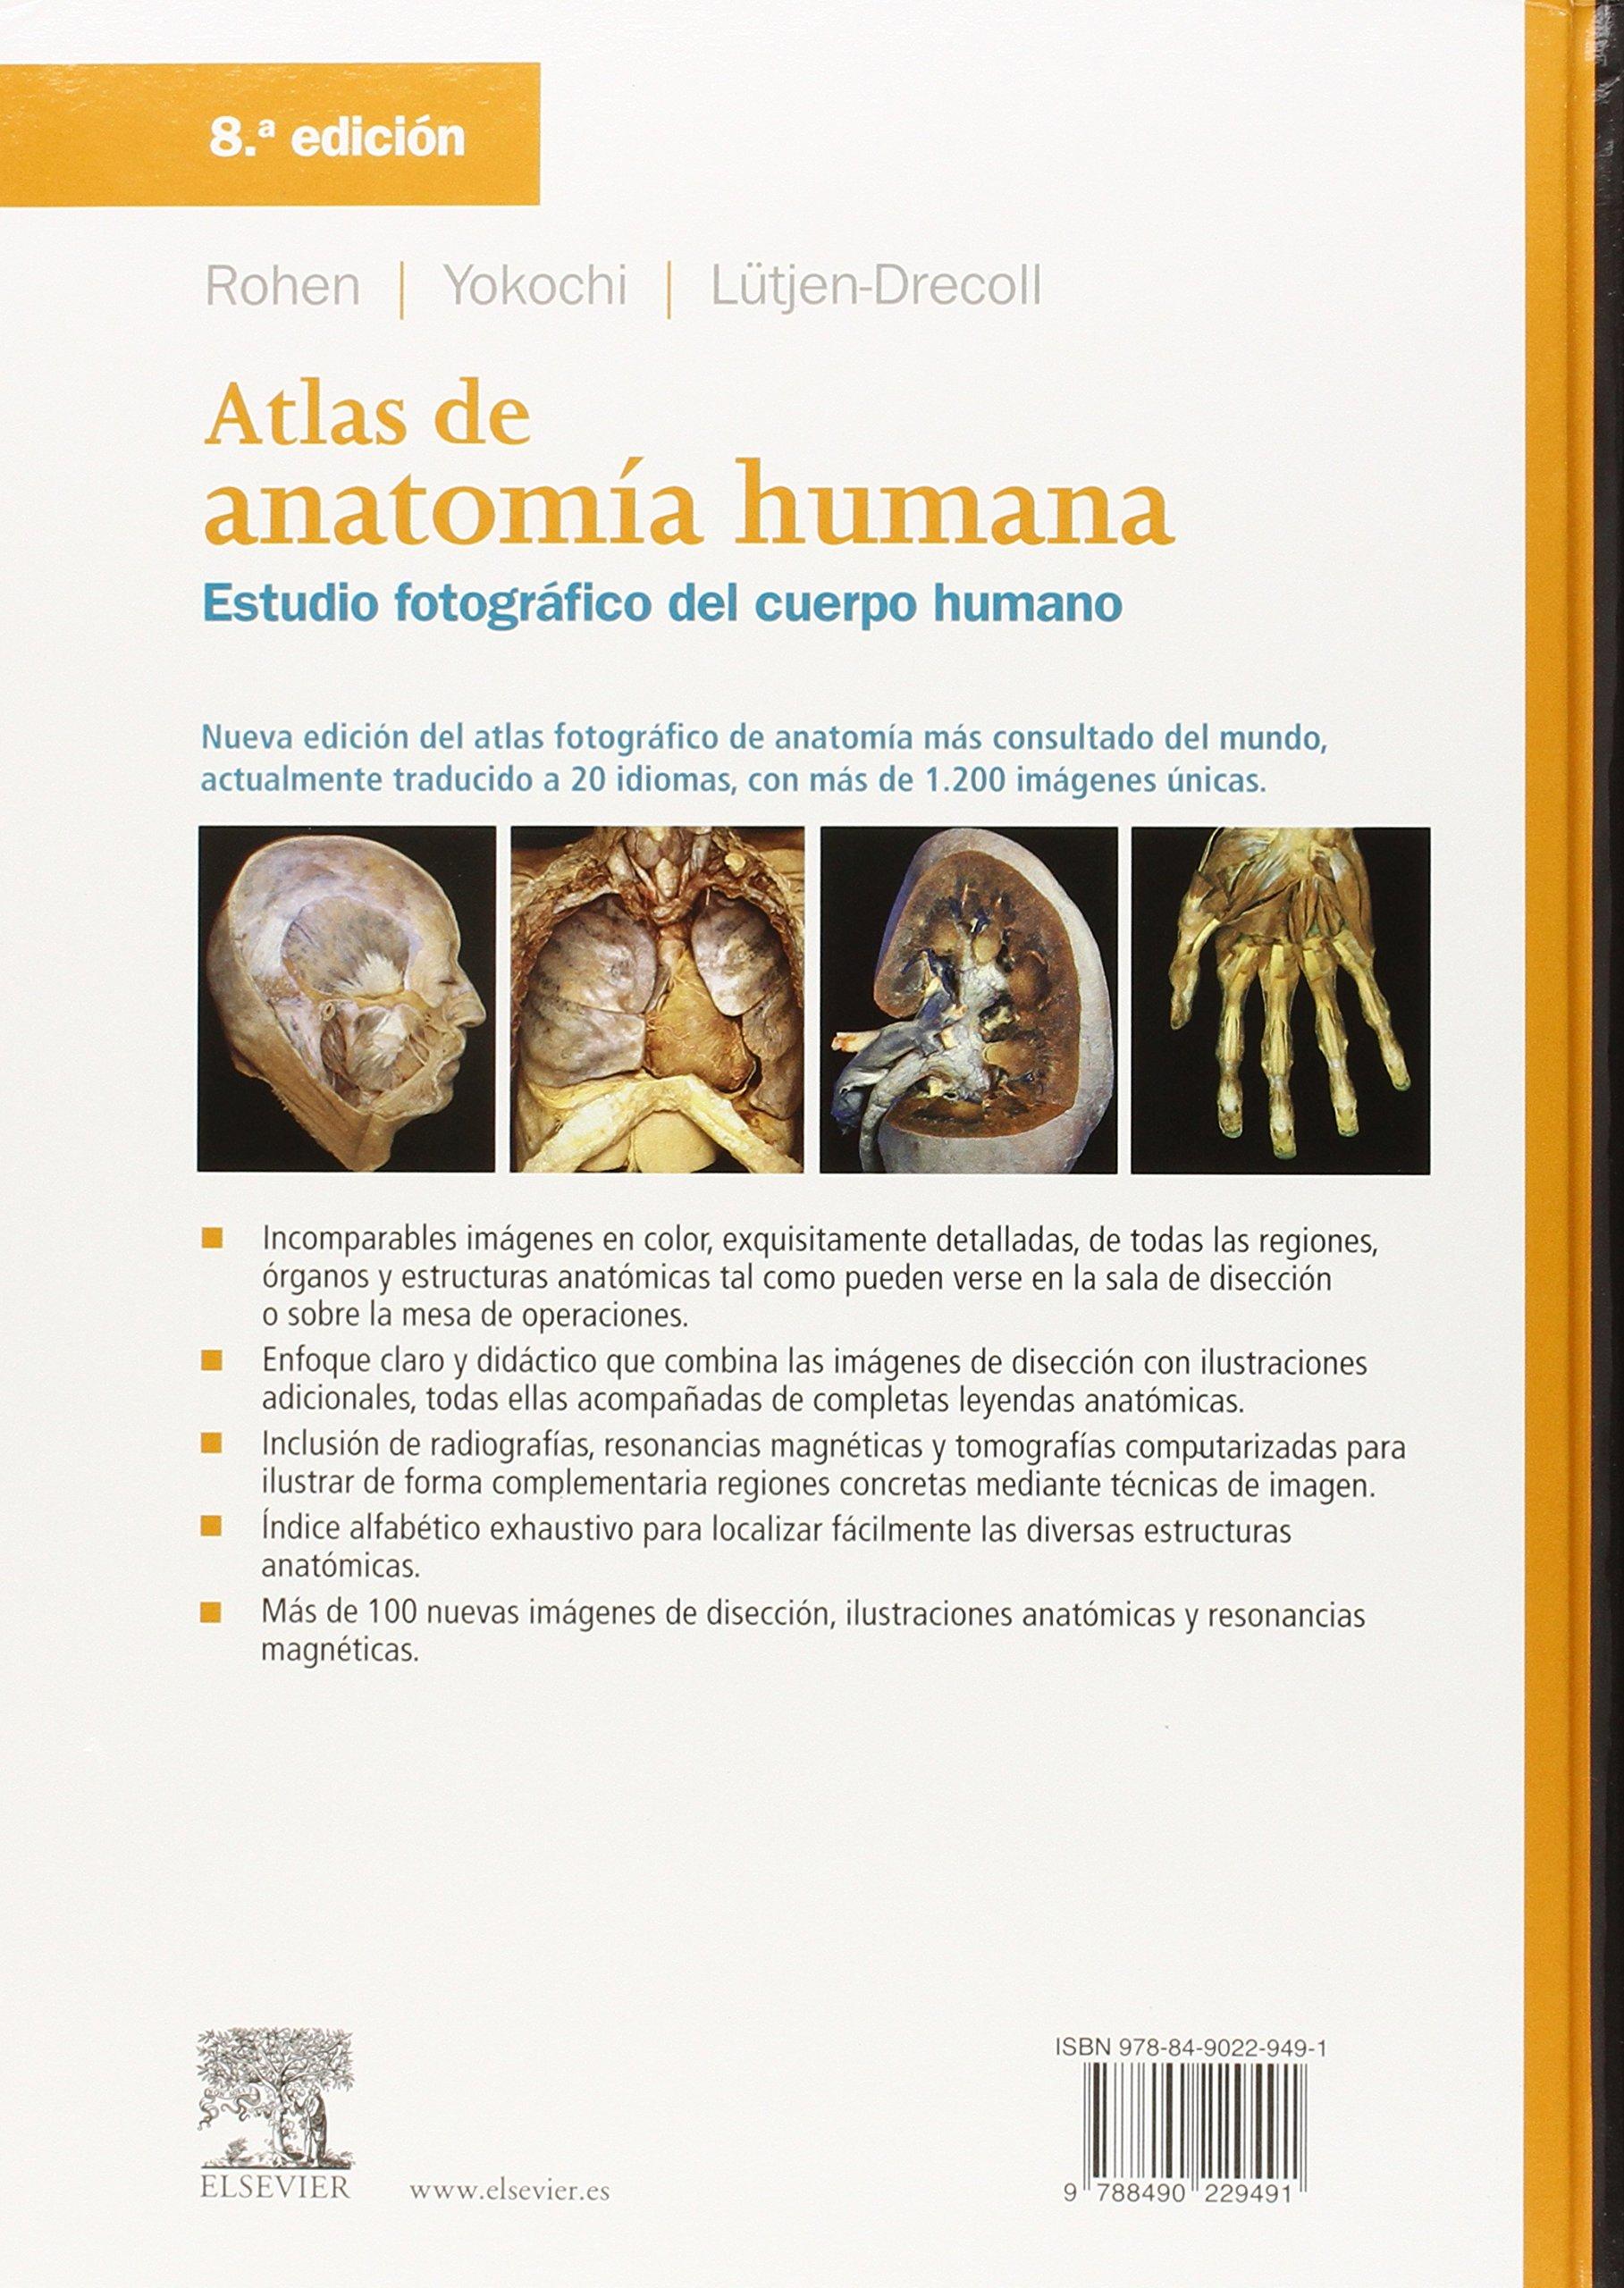 Atlas De Anatomía Humana - 8ª Edición: Amazon.es: Johannes W. Rohen ...